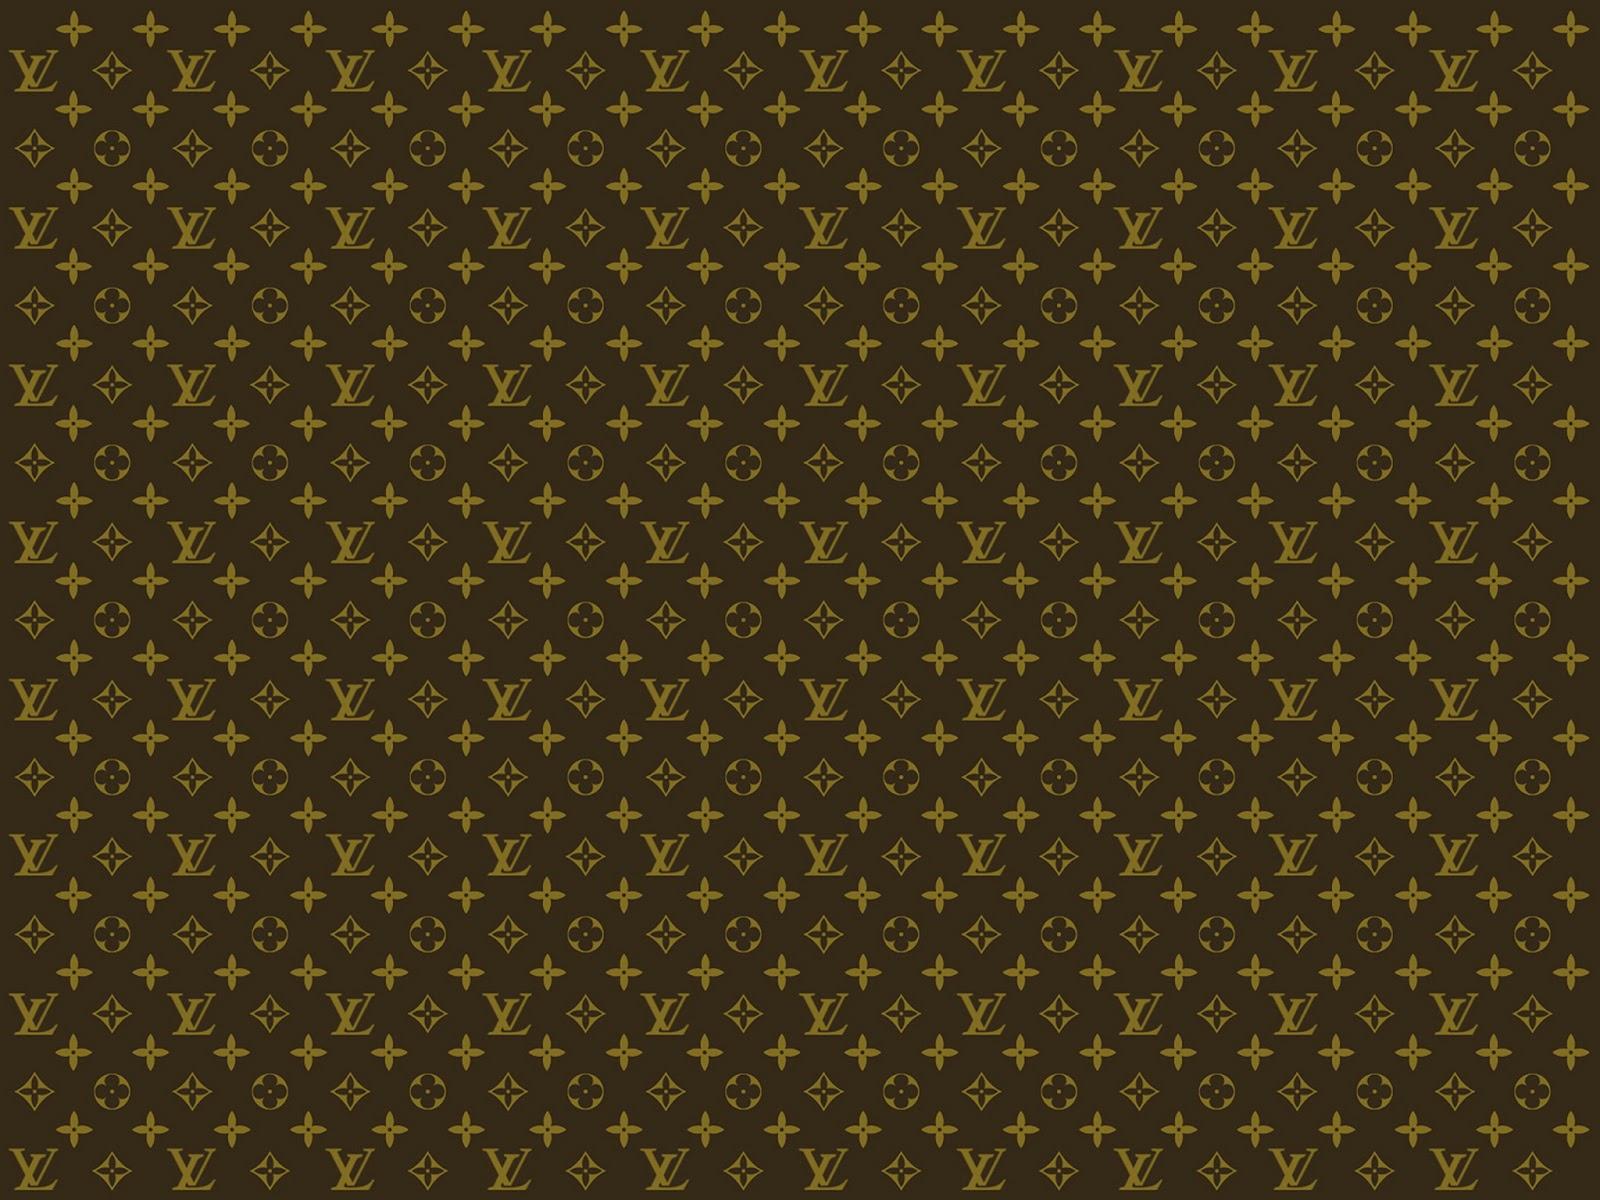 ipad mini retina wallpaper 2048x1536